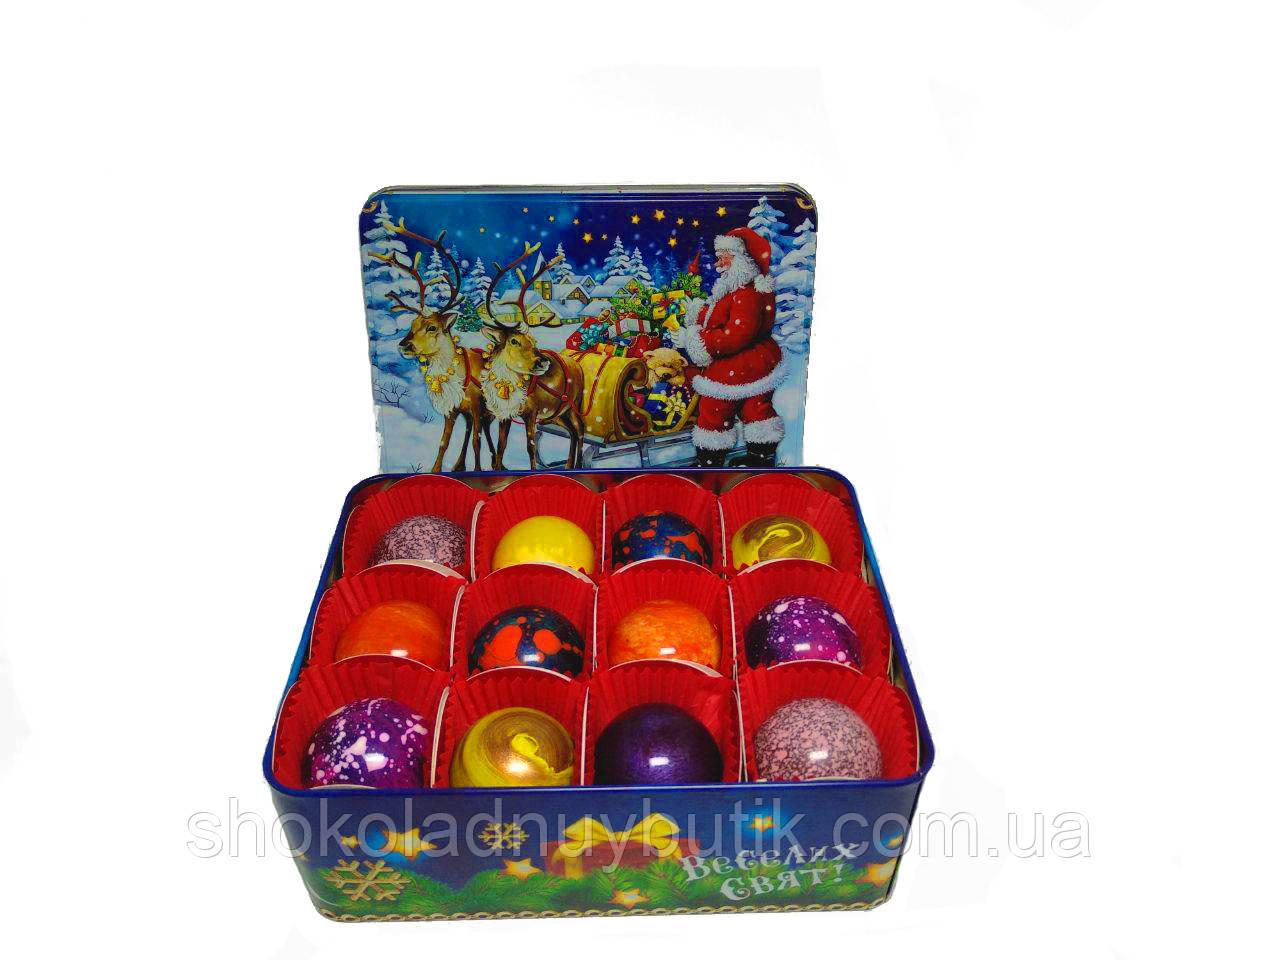 Шоколадные конфеты ручной роботы *Новогодняя металлическая коробочка на 12 конфет.*